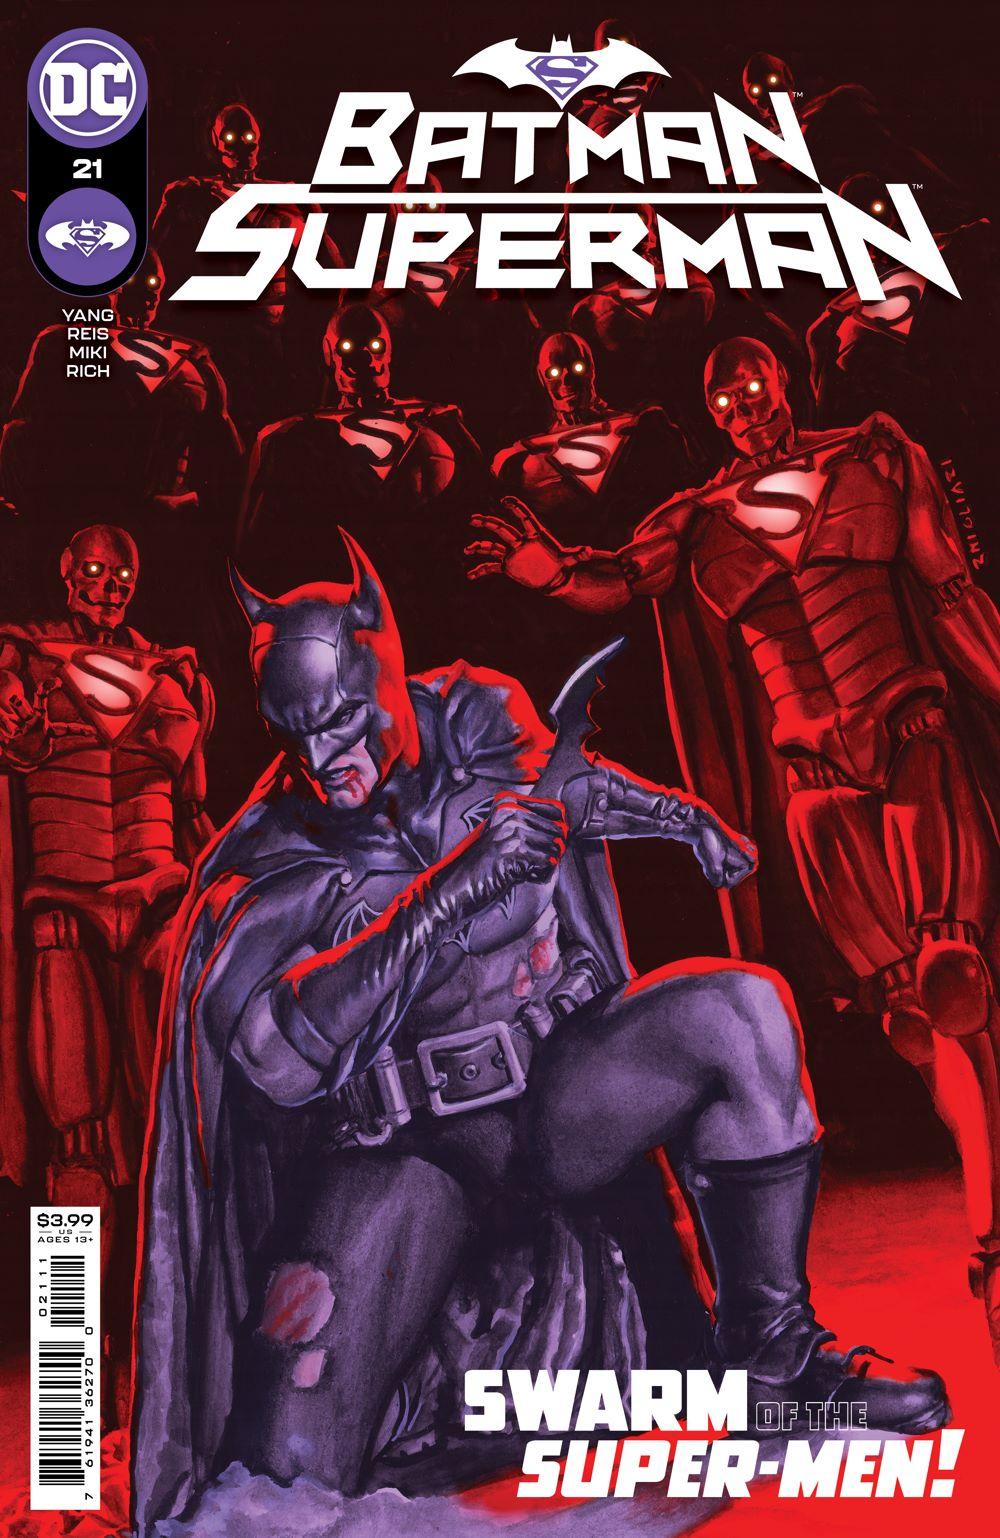 BMSM_Cv21 DC Comics August 2021 Solicitations